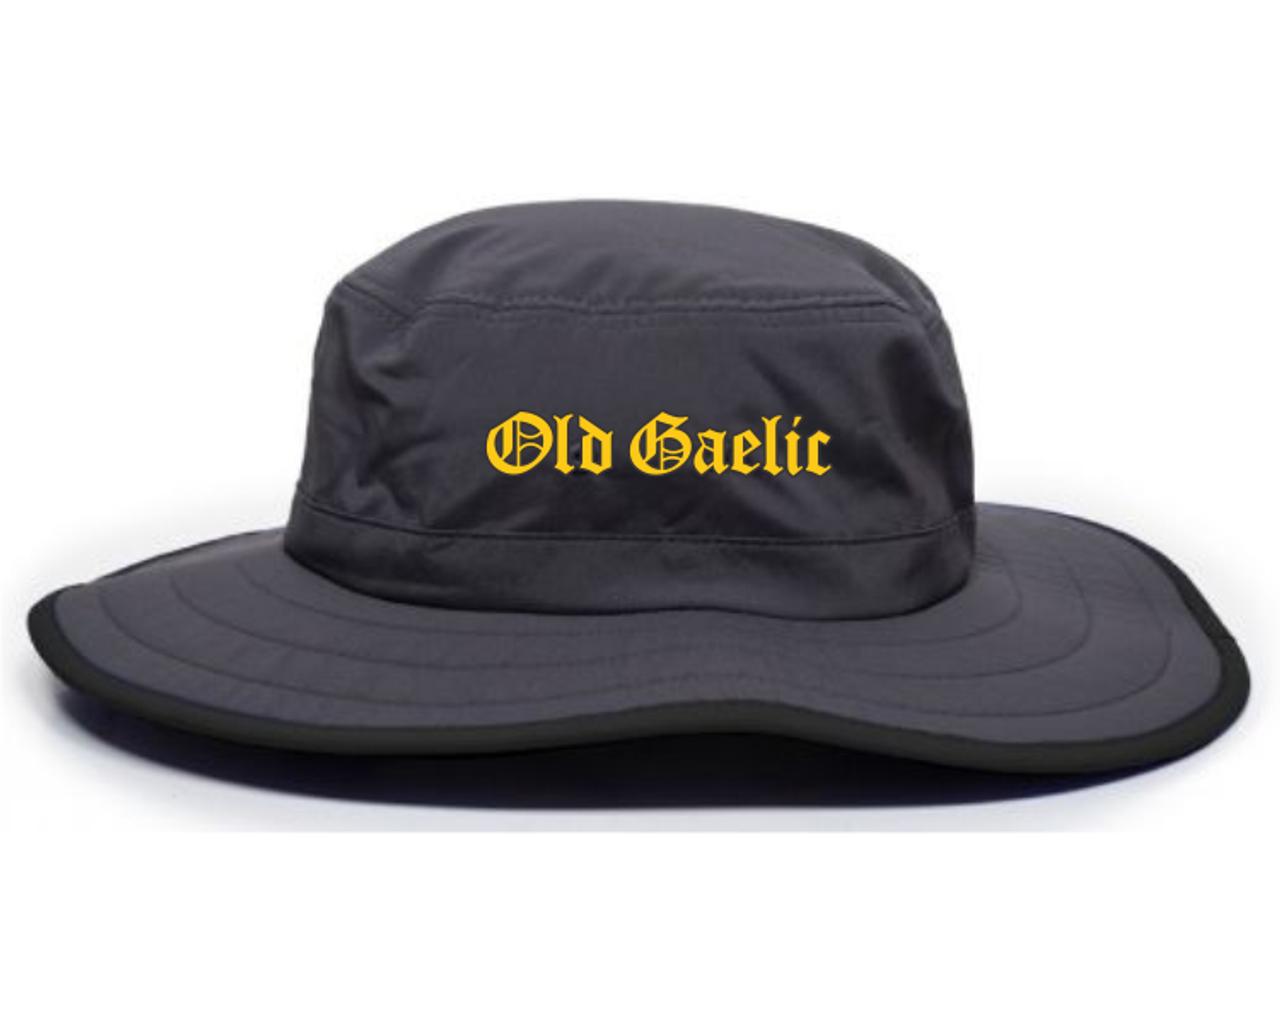 Old Gaelic Boonie Hat